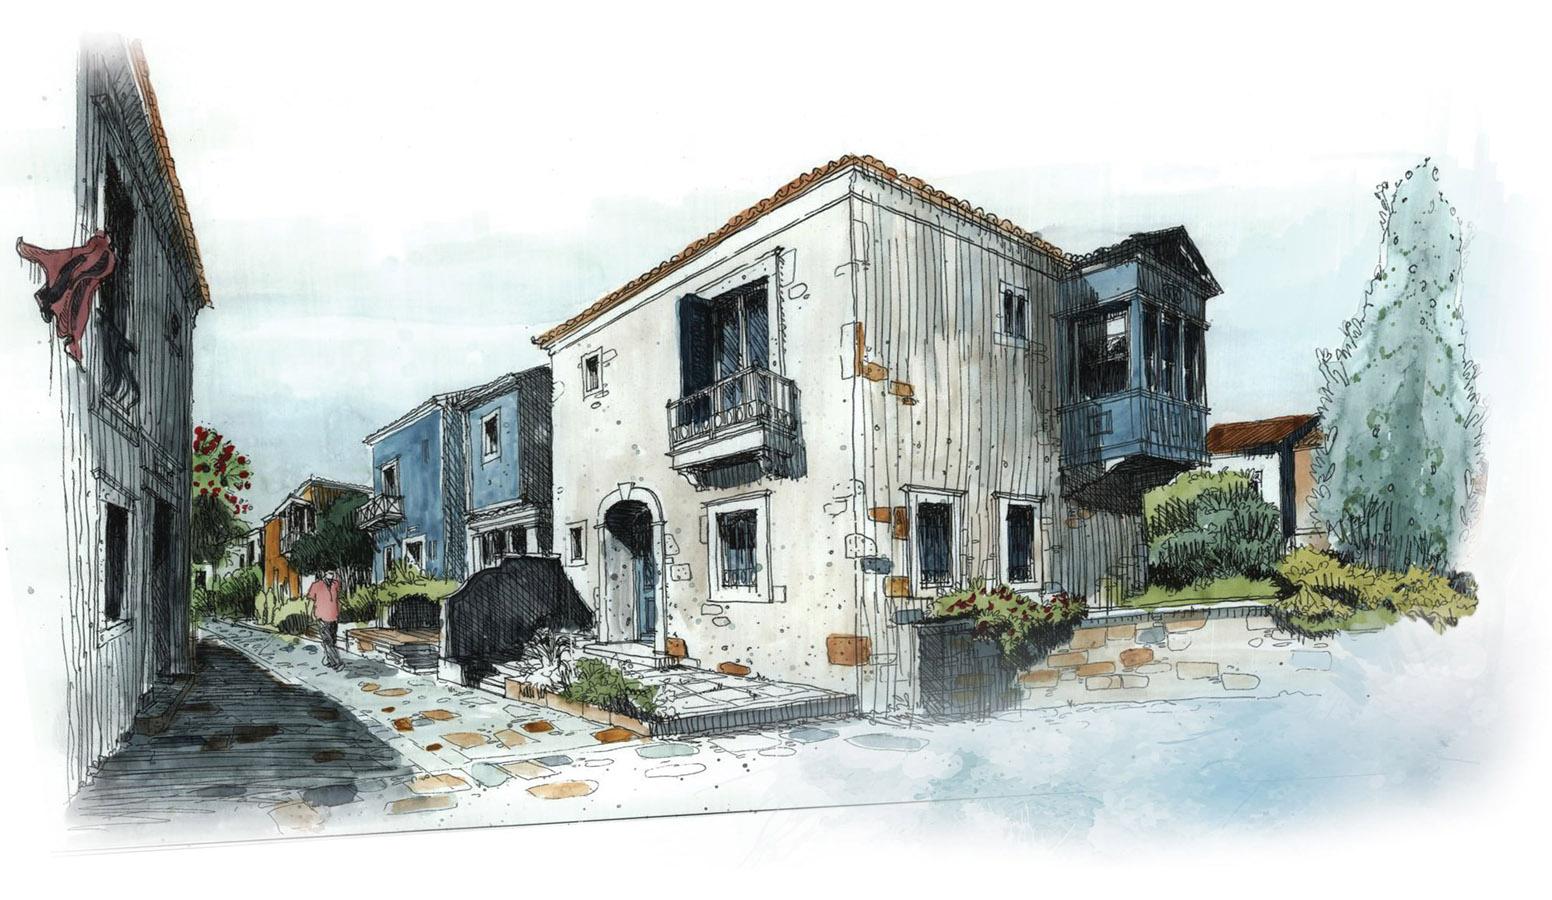 Mi'Marin Köyce Alaçatı 3D Dış Mekan